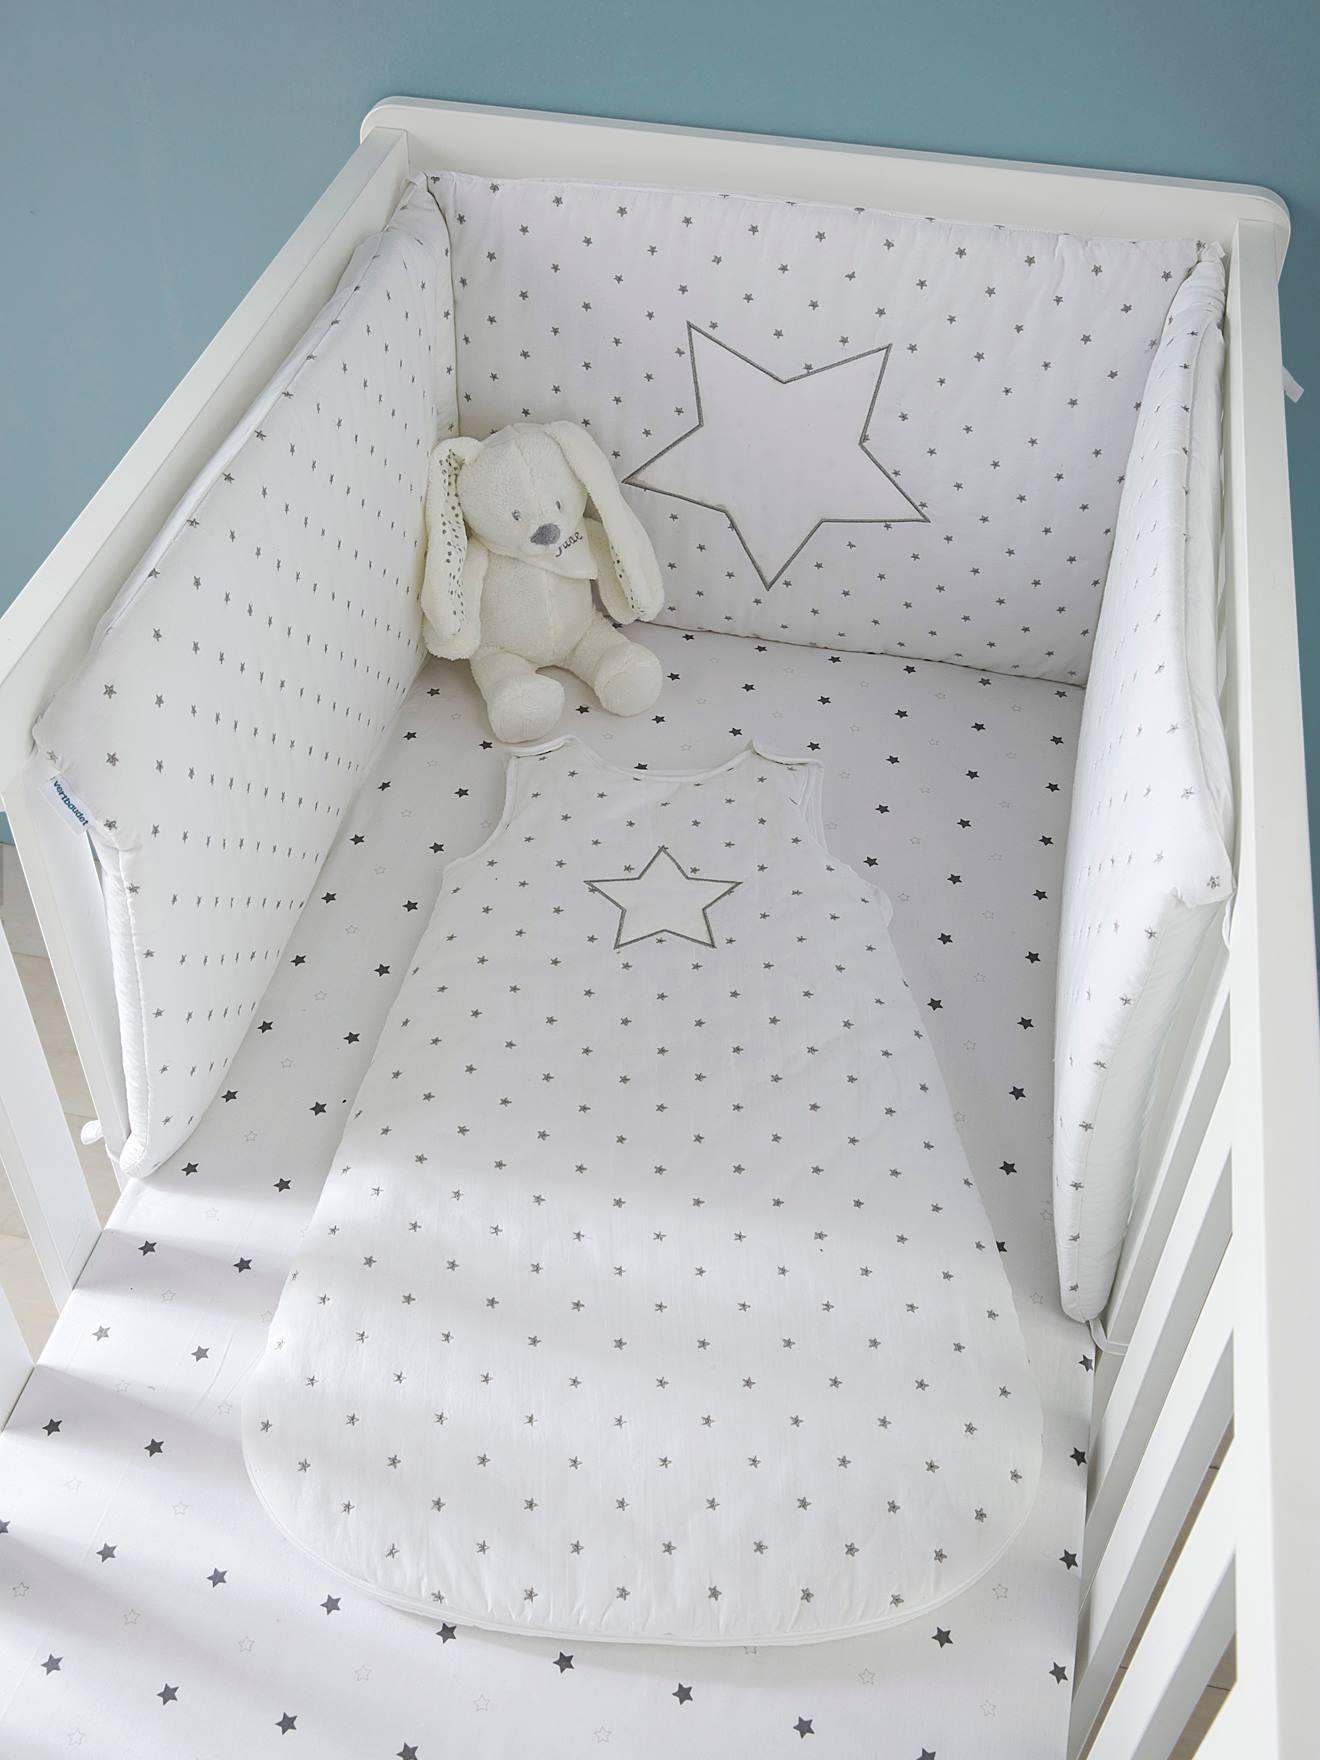 tour de lit pluie d'etoiles